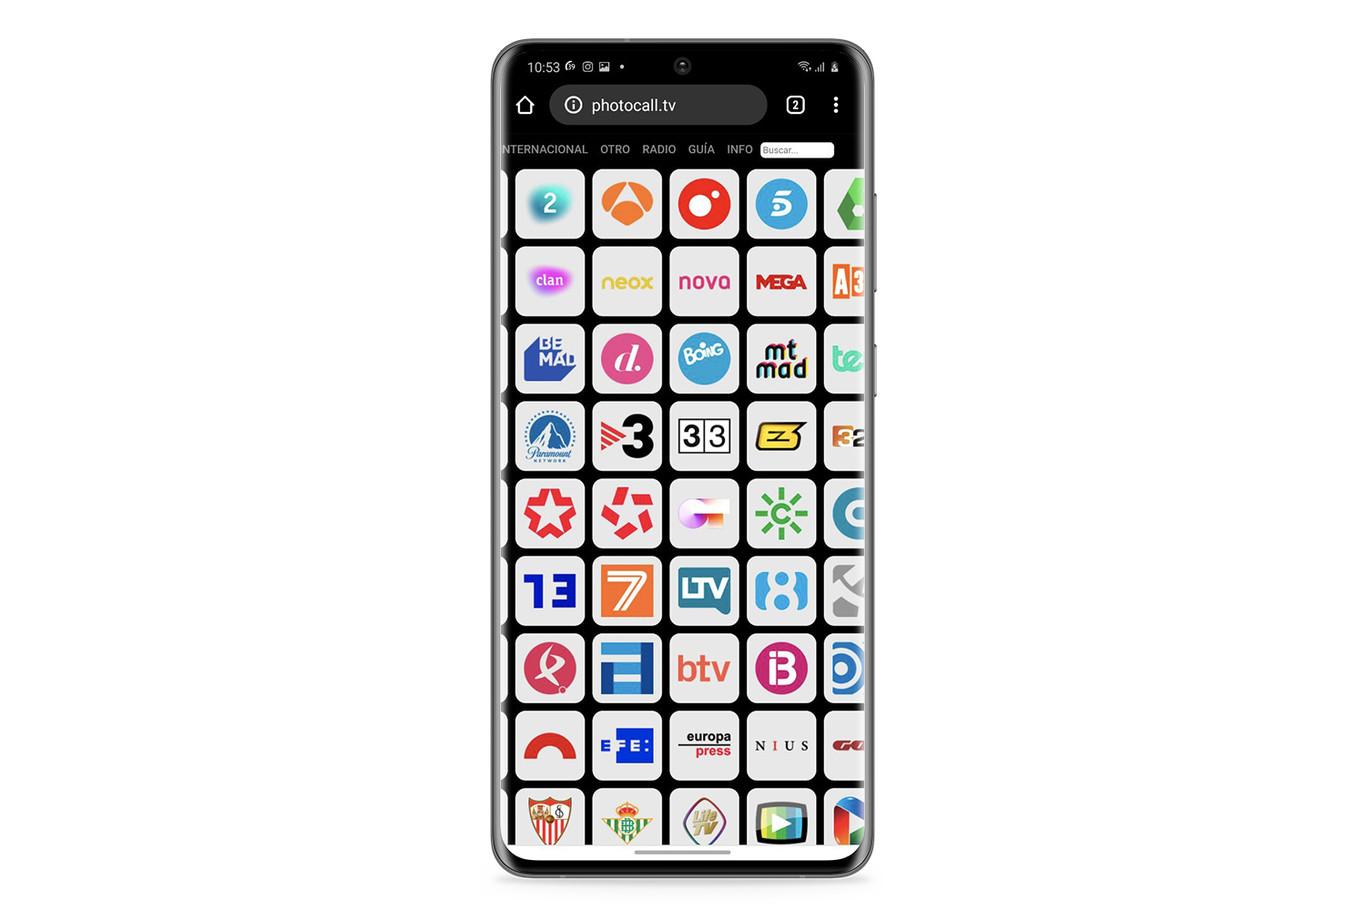 Cómo Ver La Tele En Android Y Iphone Sin Instalar Nada Tdt Online Y Gratis Gracias A Photocall Tv